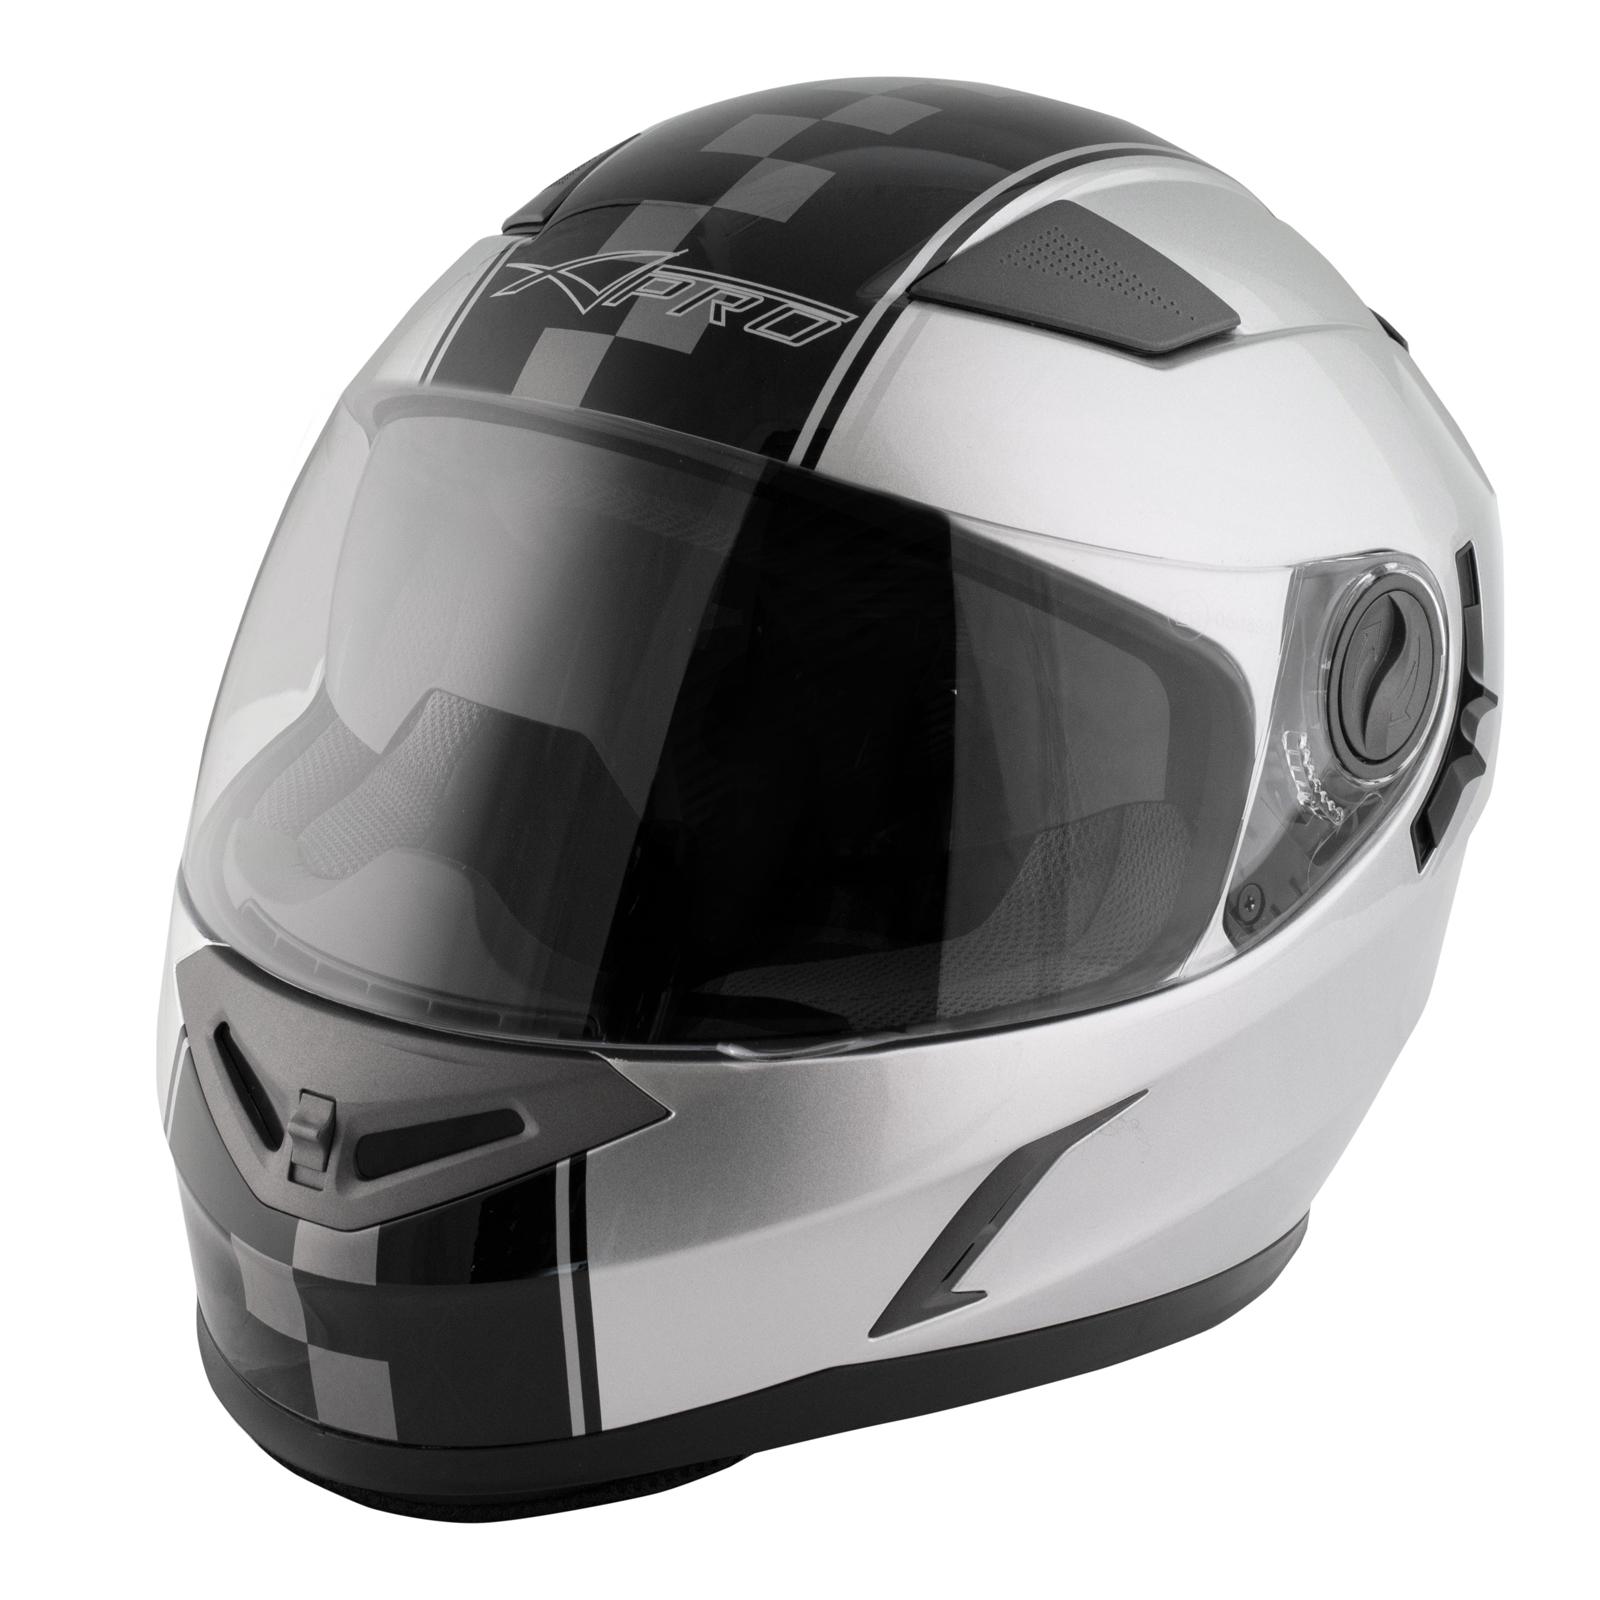 casque homologu integral moto scooter visi re pare soleil touring argent ebay. Black Bedroom Furniture Sets. Home Design Ideas